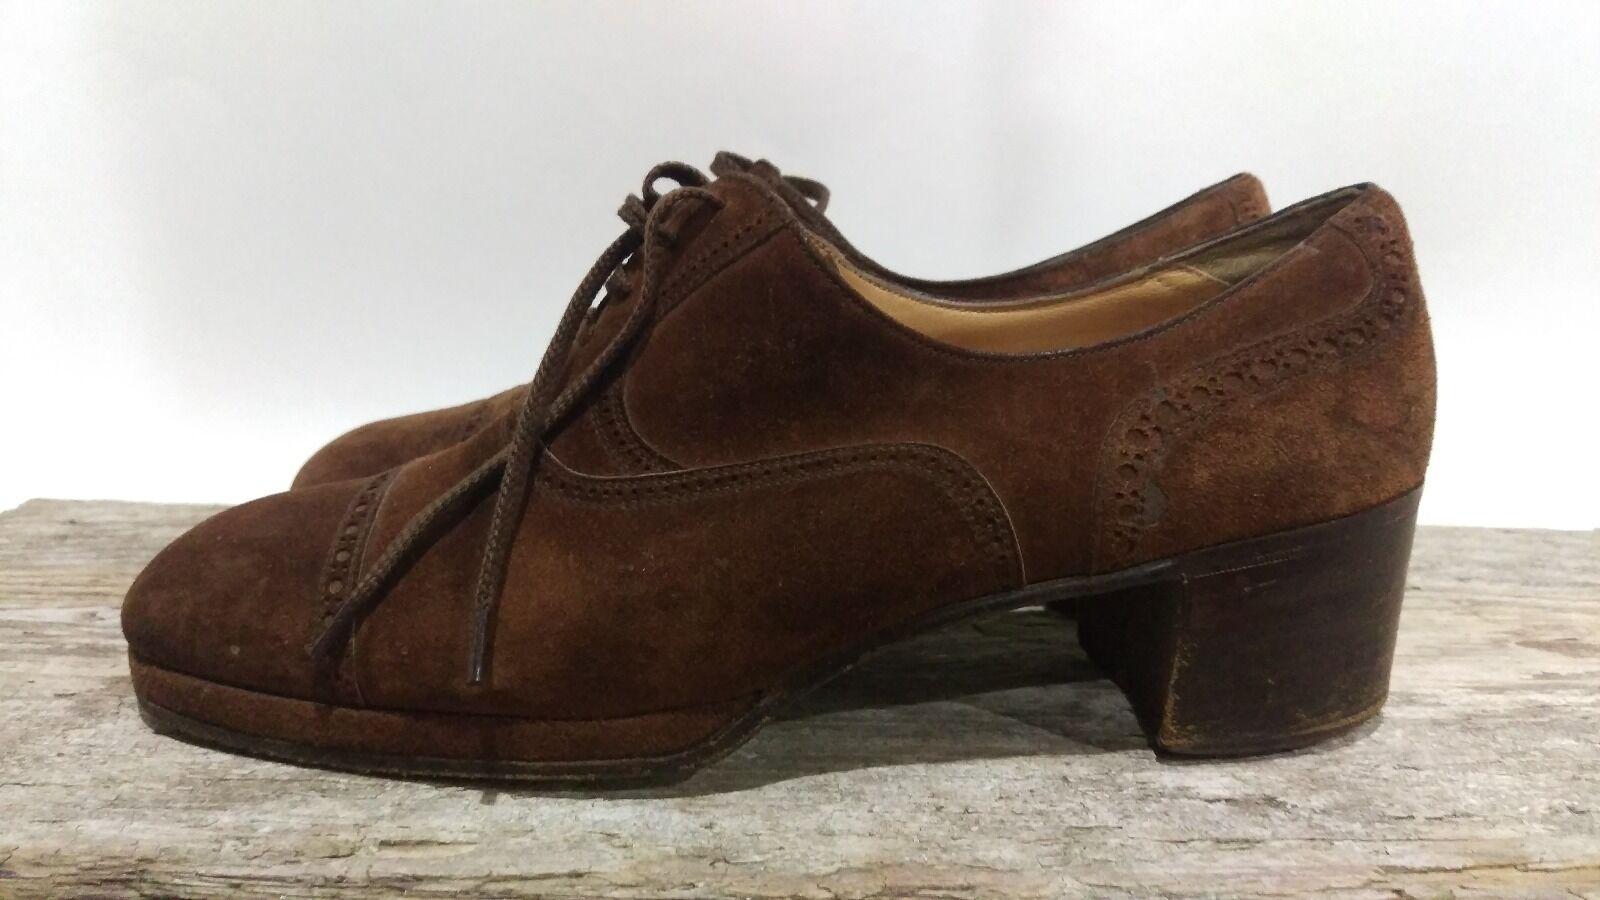 prezzo all'ingrosso e qualità affidabile TANINO CRISCI scarpe Vontage Marrone Oxford Italian Suede donna Dimensione Dimensione Dimensione US 7 D  negozio online